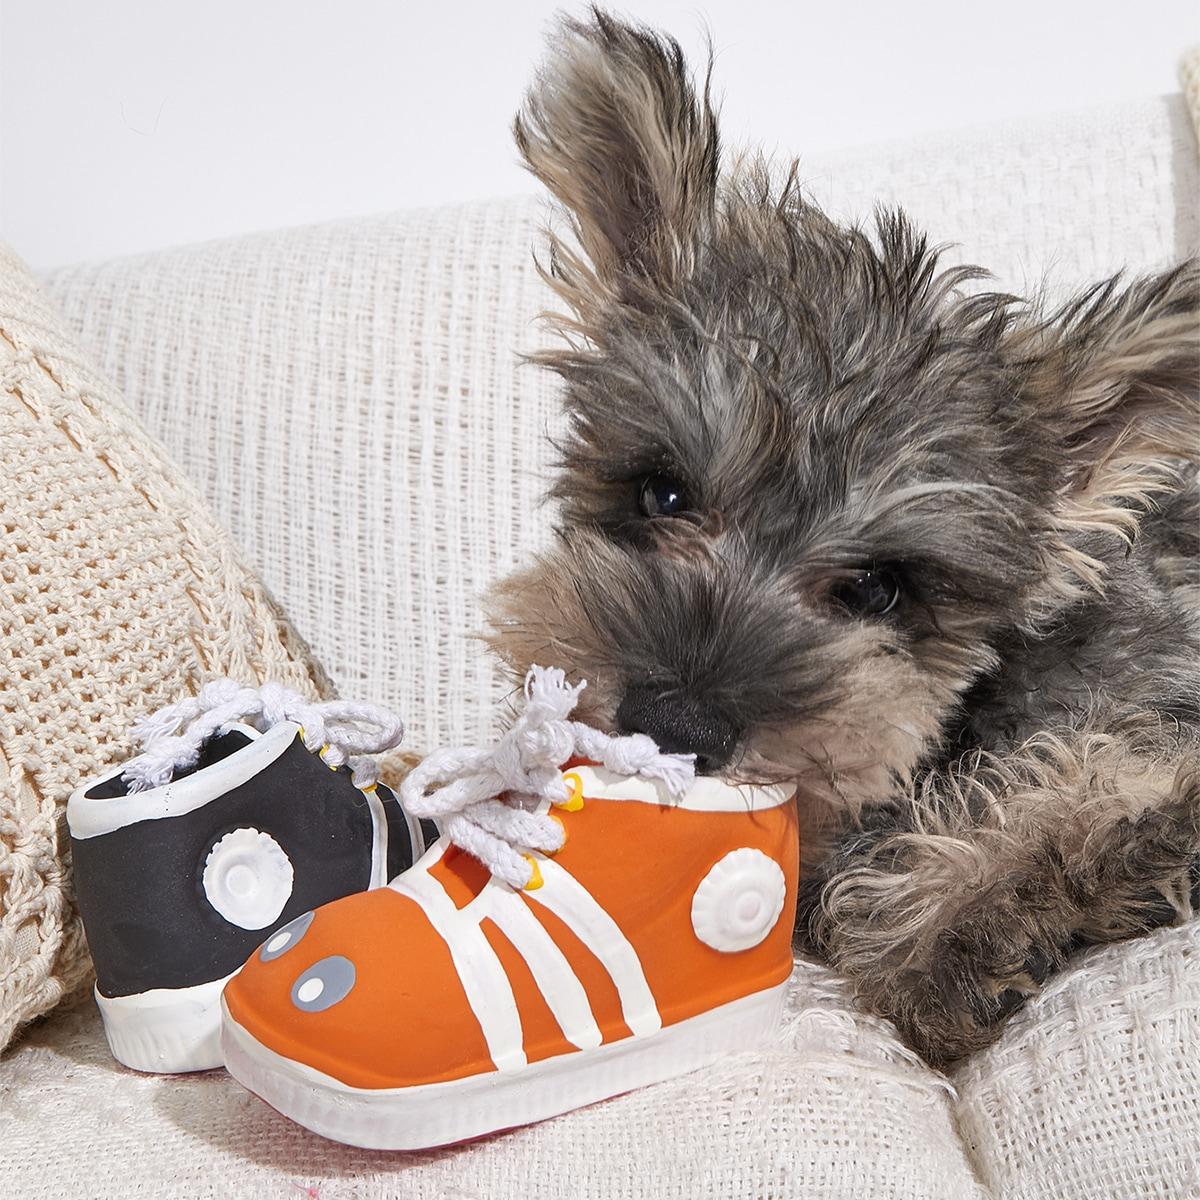 1 Stück zufällige Farbe Haustier Soundspielzeug mit Schuhe Design